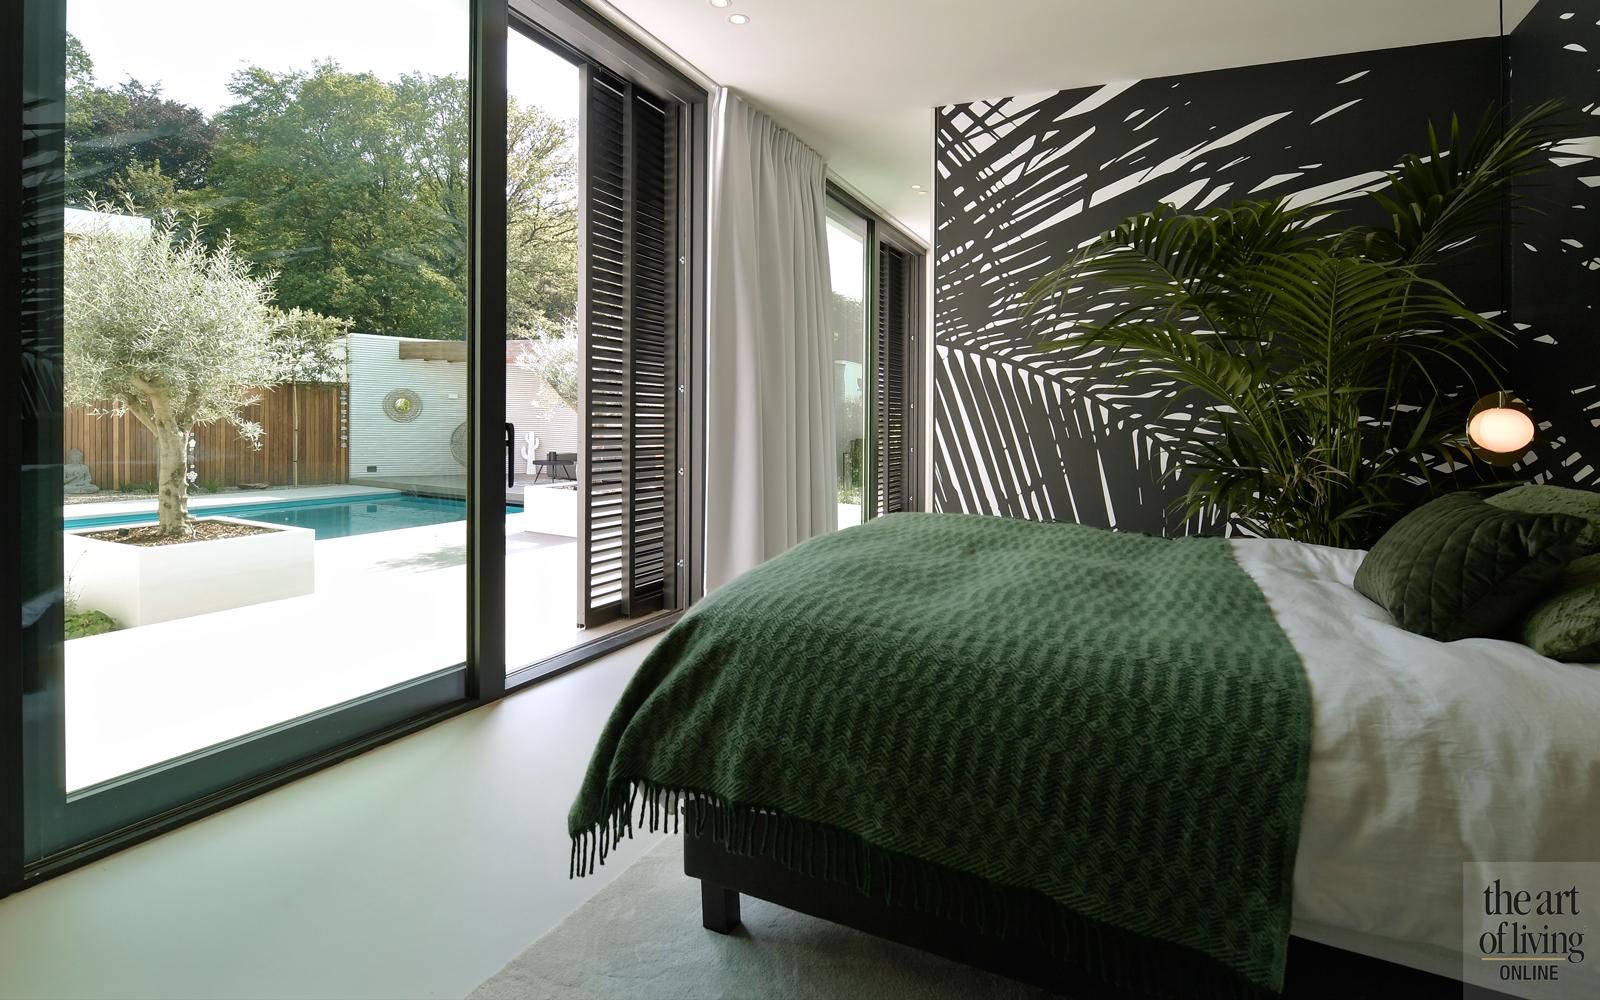 Ibiza stijl, Frans van Roy, Ibiza interieur, Villa met zwembad, Witte villa, Minimalistisch interieur, Interieur design, Slaapkamer, masterbedroom